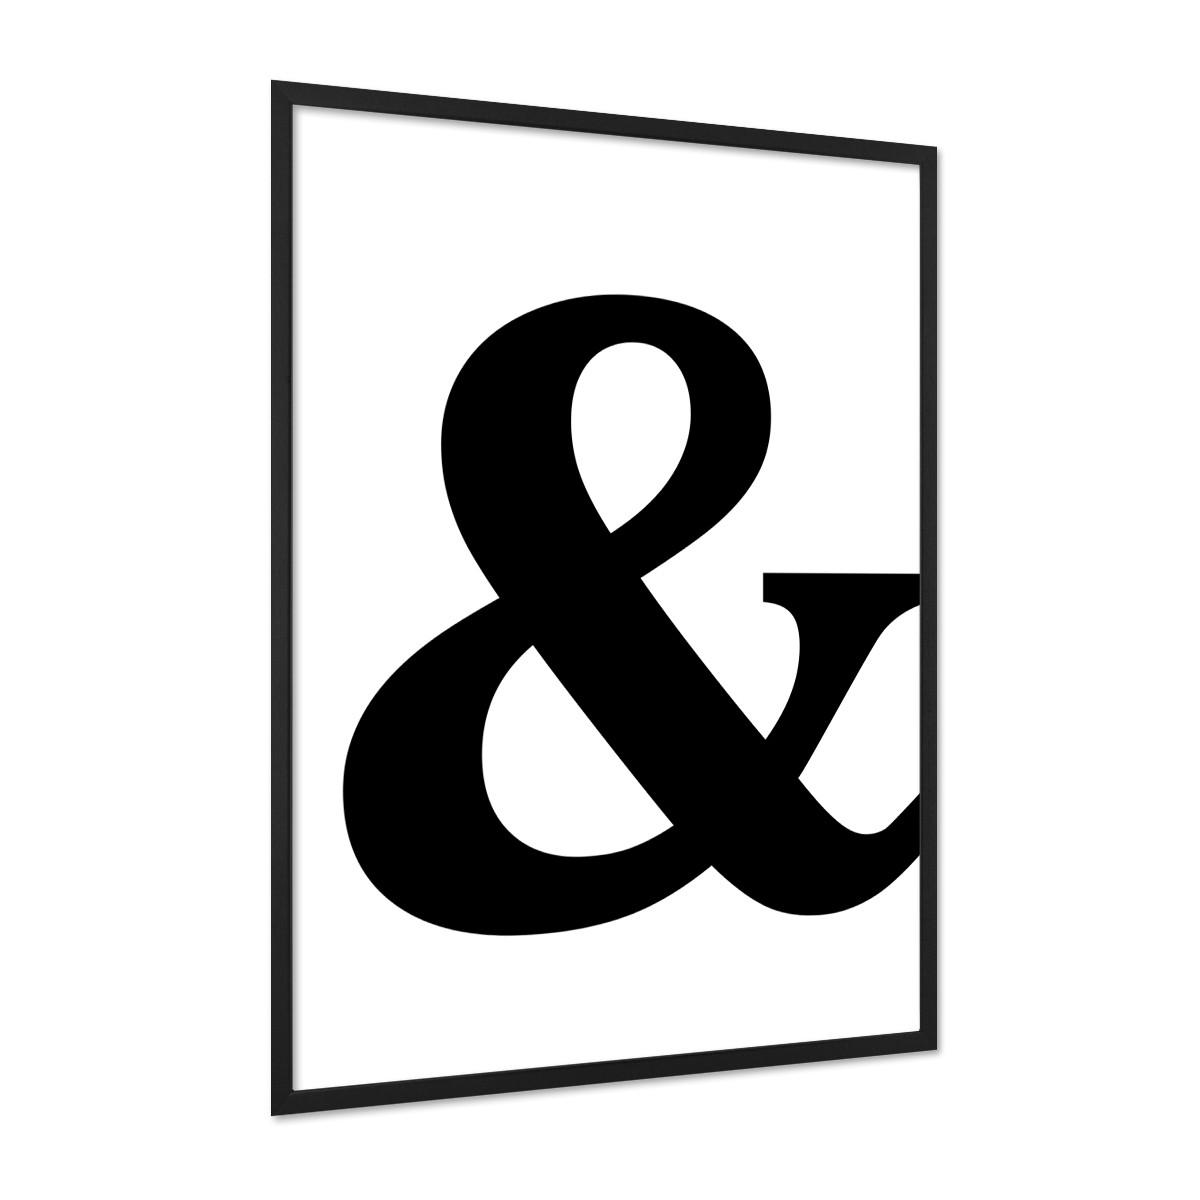 design poster 39 und zeichen 39 30x40 cm schwarz weiss motiv typographie dekoration modern poster. Black Bedroom Furniture Sets. Home Design Ideas